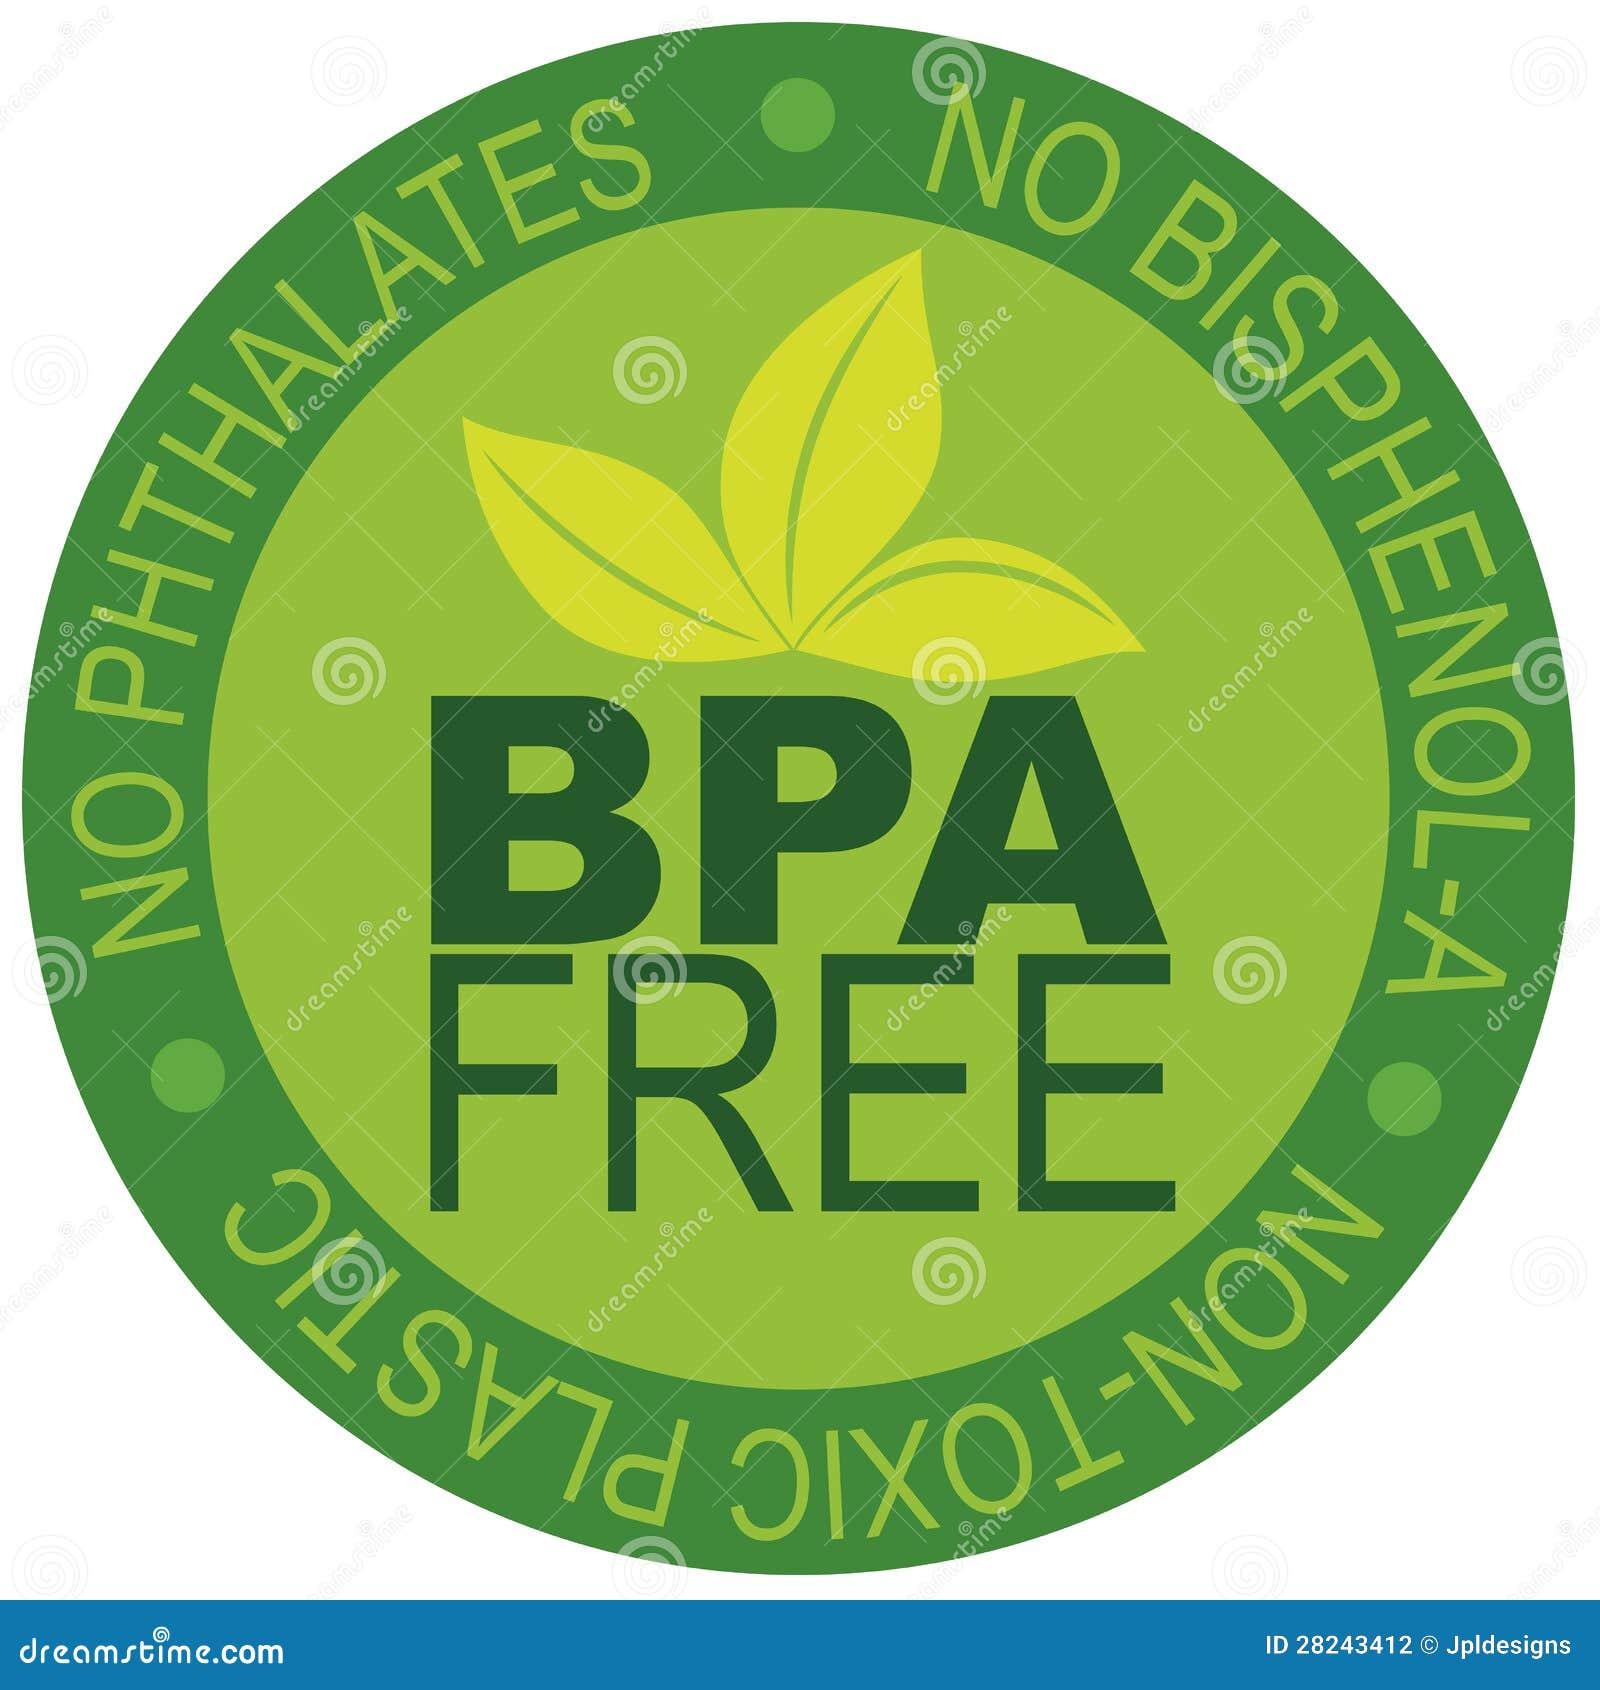 bpa free label illustration stock photography image 28243412. Black Bedroom Furniture Sets. Home Design Ideas